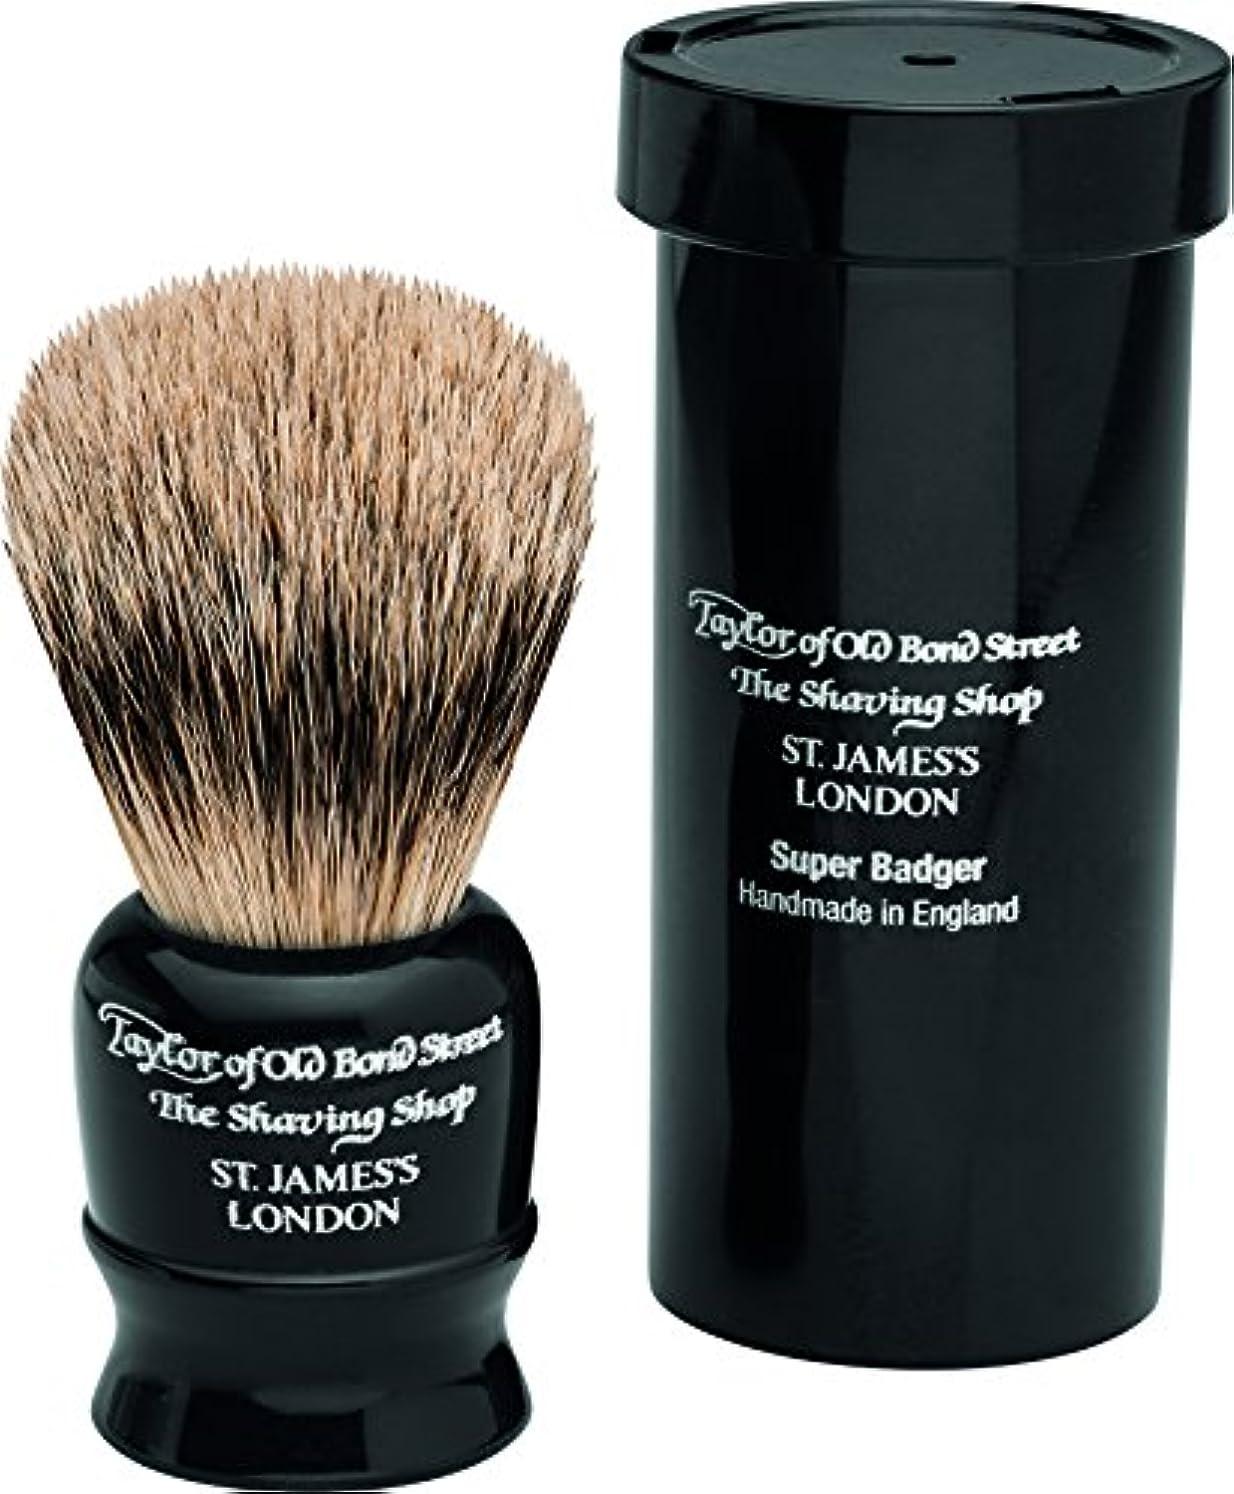 果てしない付ける週末Travel Super Badger Shaving Brush, 8,25 cm, black - Taylor of old Bond Street